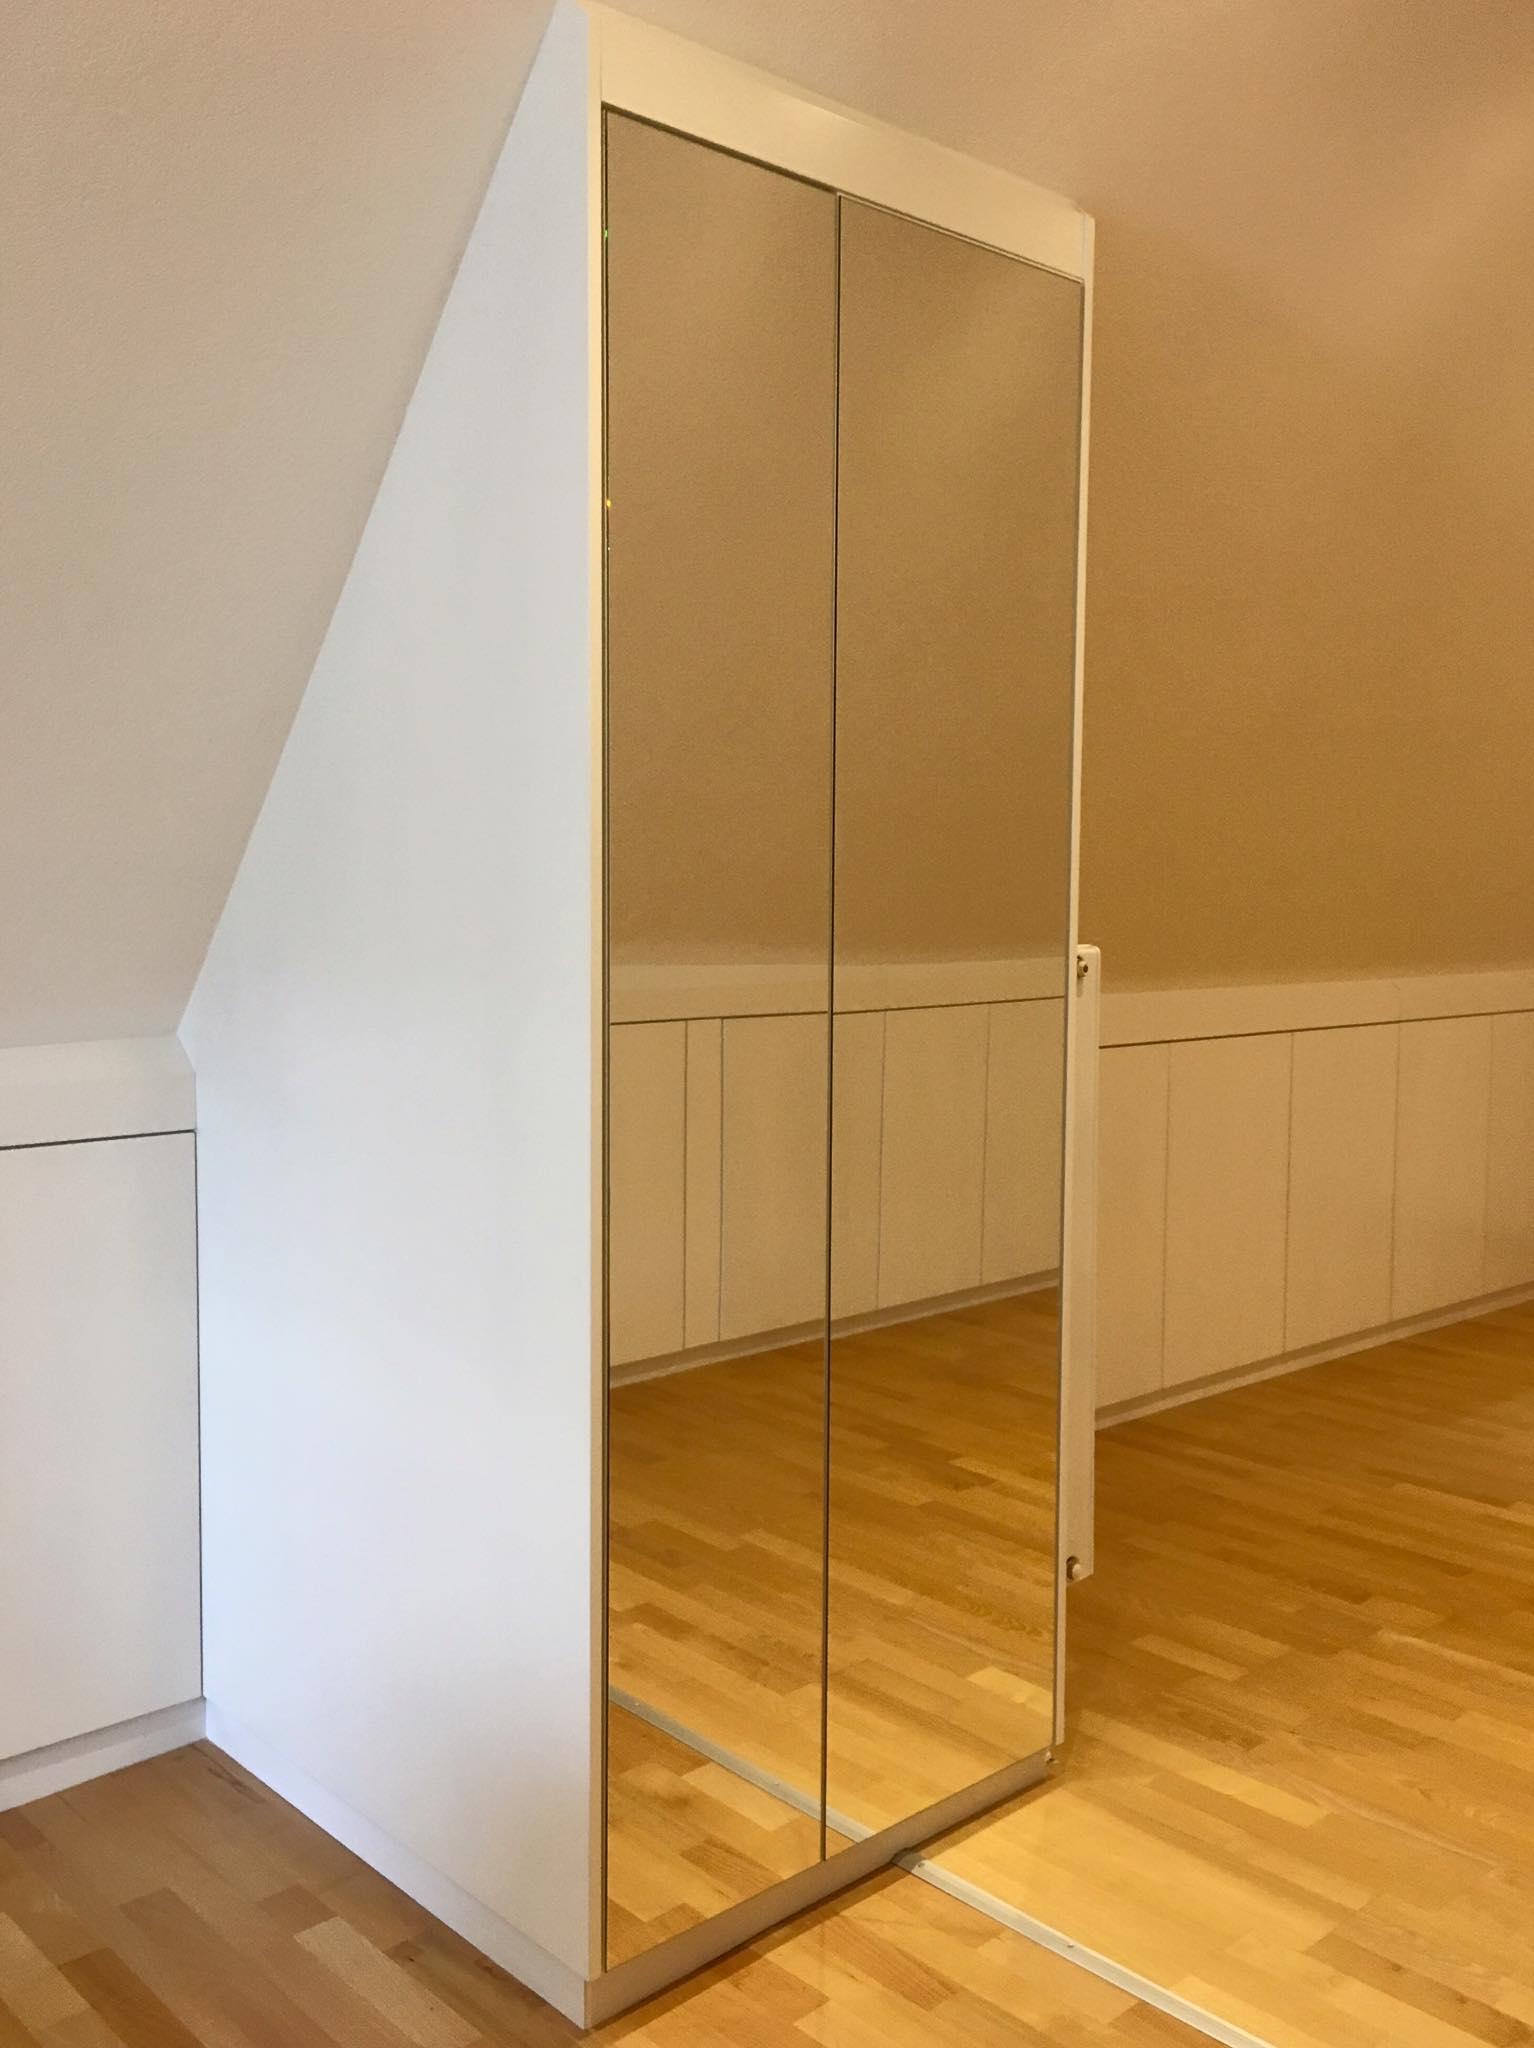 schreinerei julian grimm ideen mit holz der schreiner in fellbach einbauschr nke. Black Bedroom Furniture Sets. Home Design Ideas